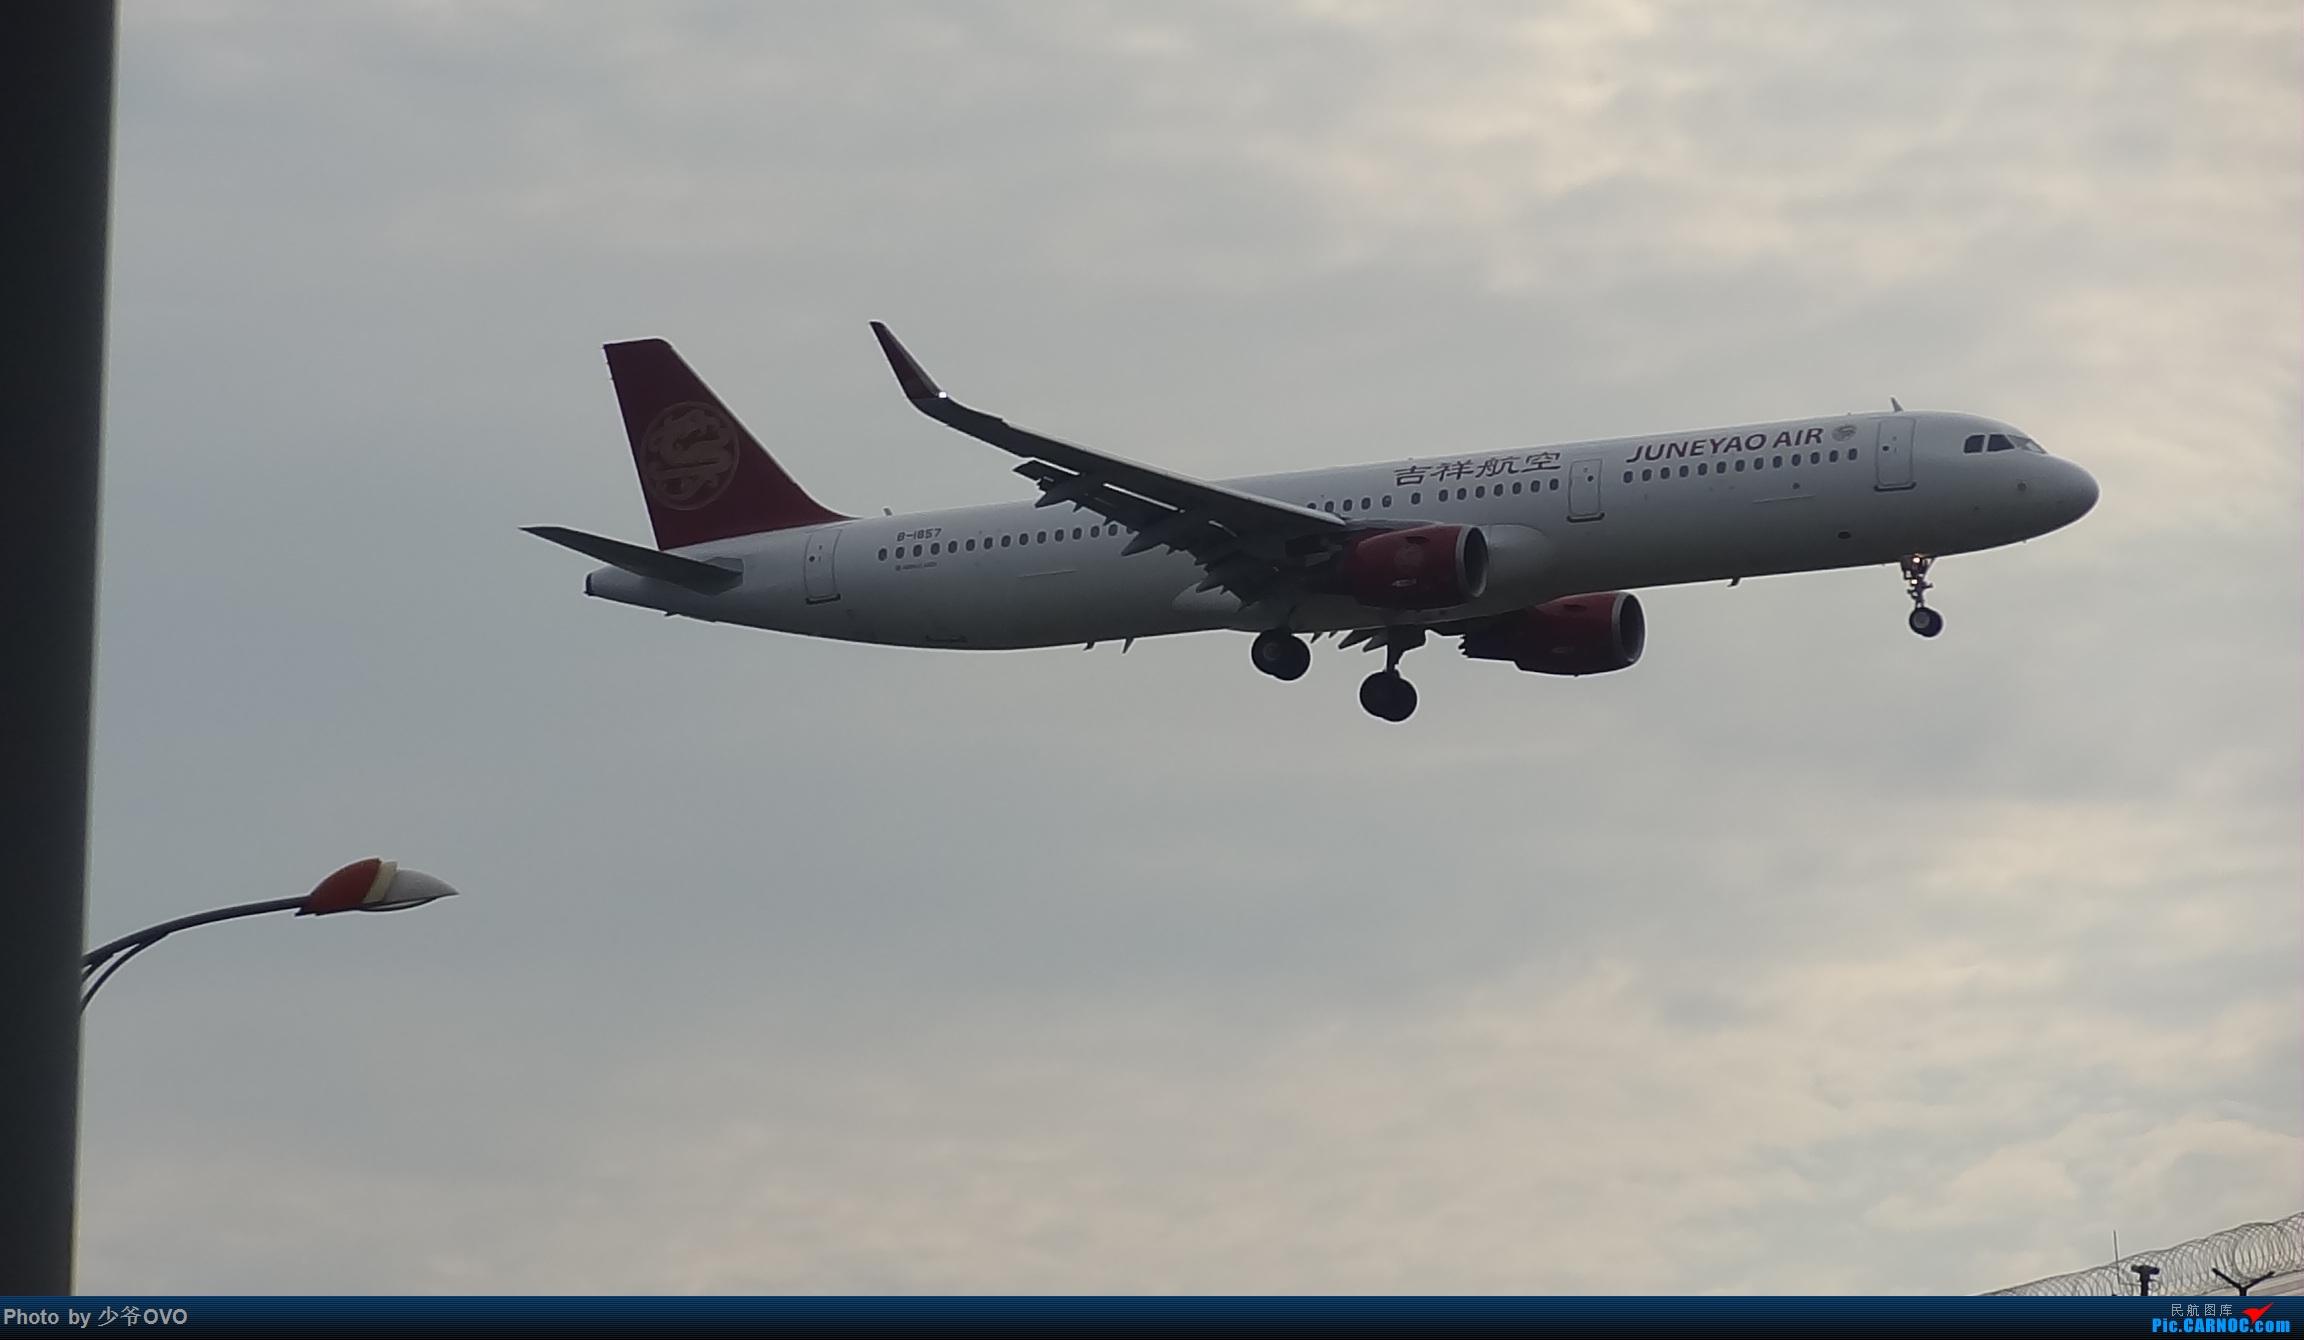 Re:[原创]CKG拍机,数码机最后的倔强 AIRBUS A321-200 B-1857 中国重庆江北国际机场